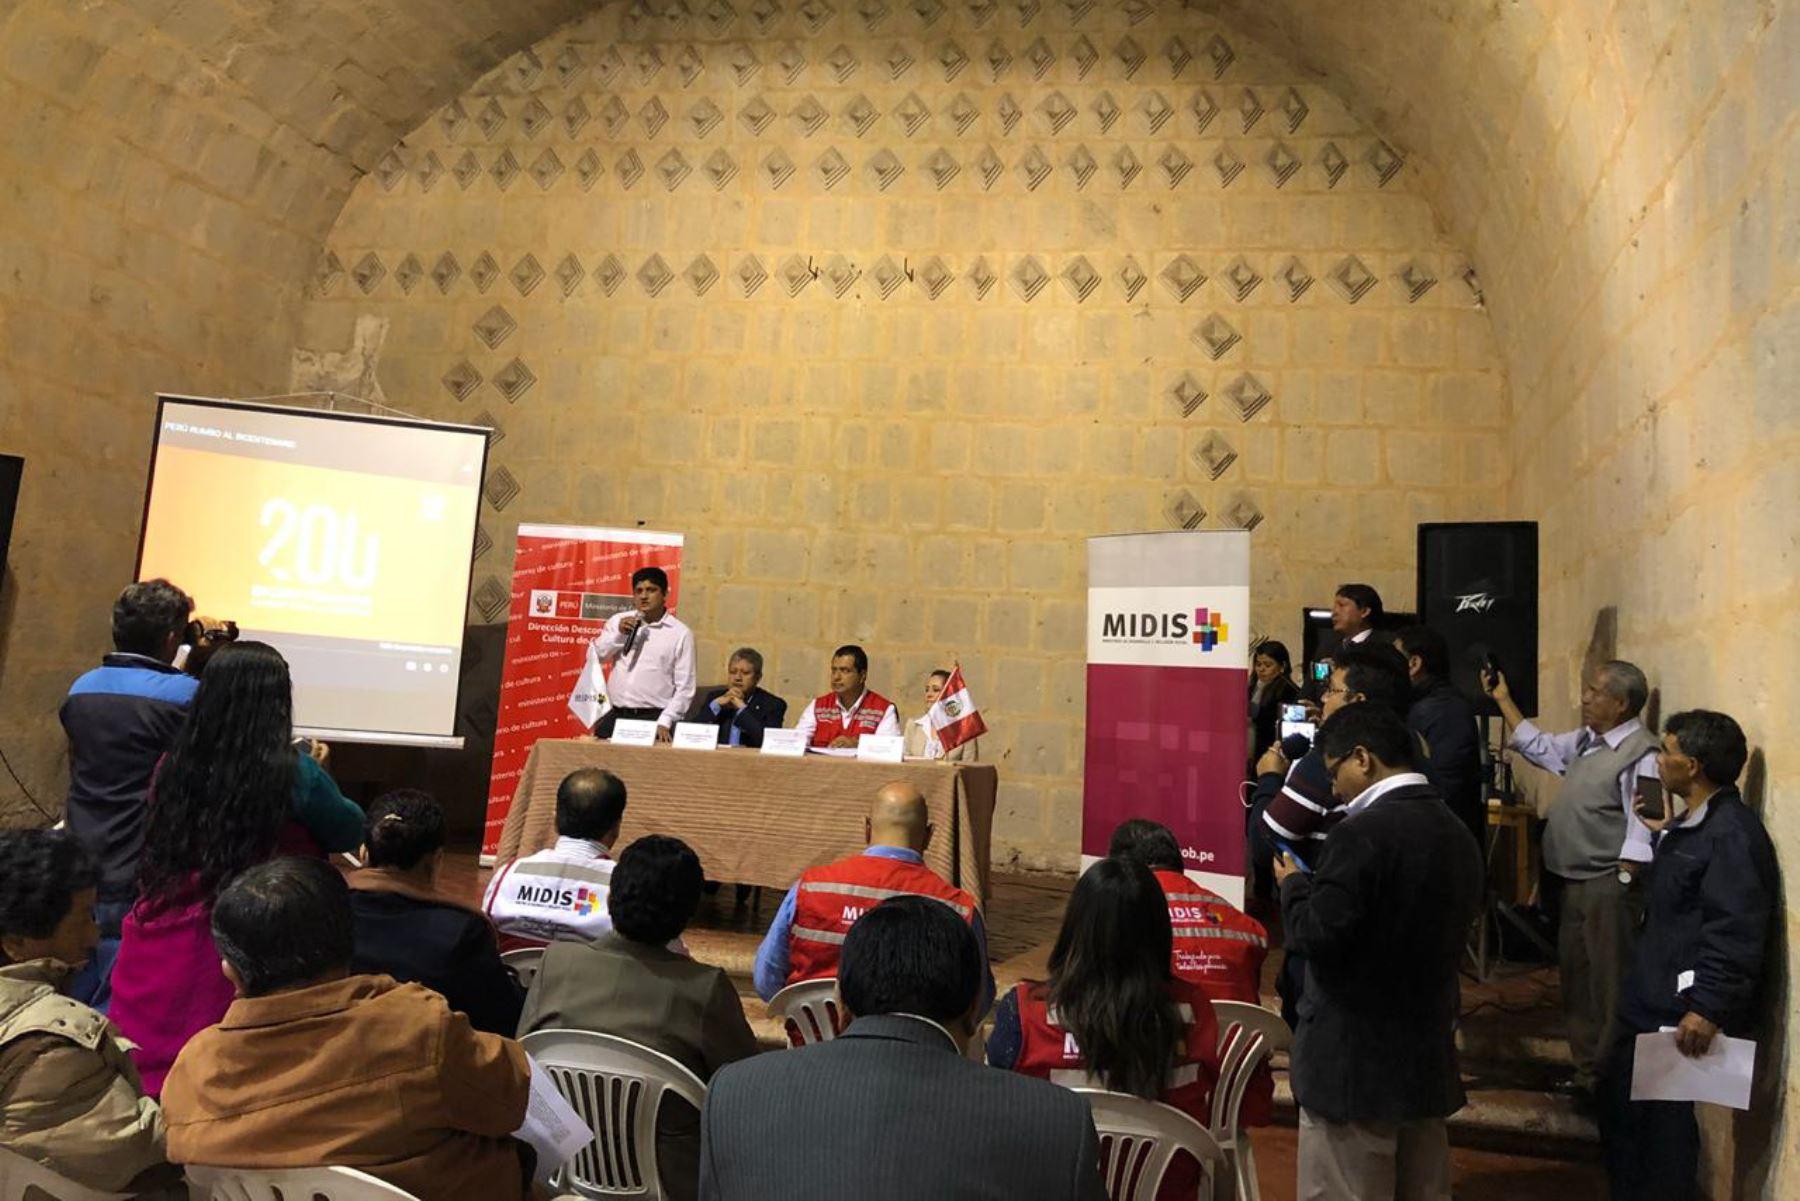 El viceministro de Políticas y Evaluación Social del Midis, Walter Curioso, se encuentra en la ciudad de Cajamarca para liderar las actividades preparativas por el Bicentenario de la Independencia.